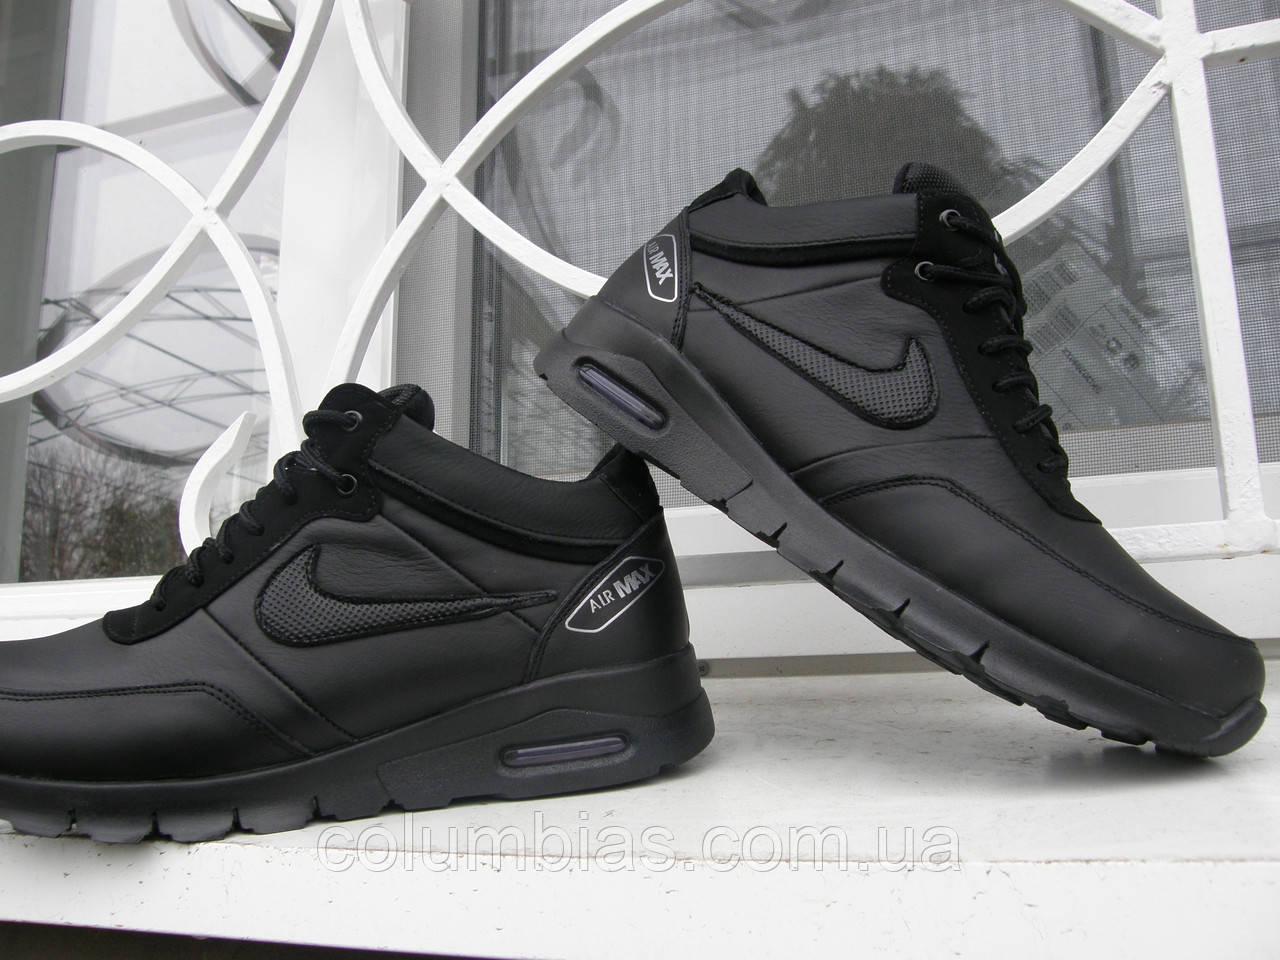 a23a5533 Кожаные кроссовки зима Nike нк-99 - Весь ассортимент в наличии, звоните в  любое